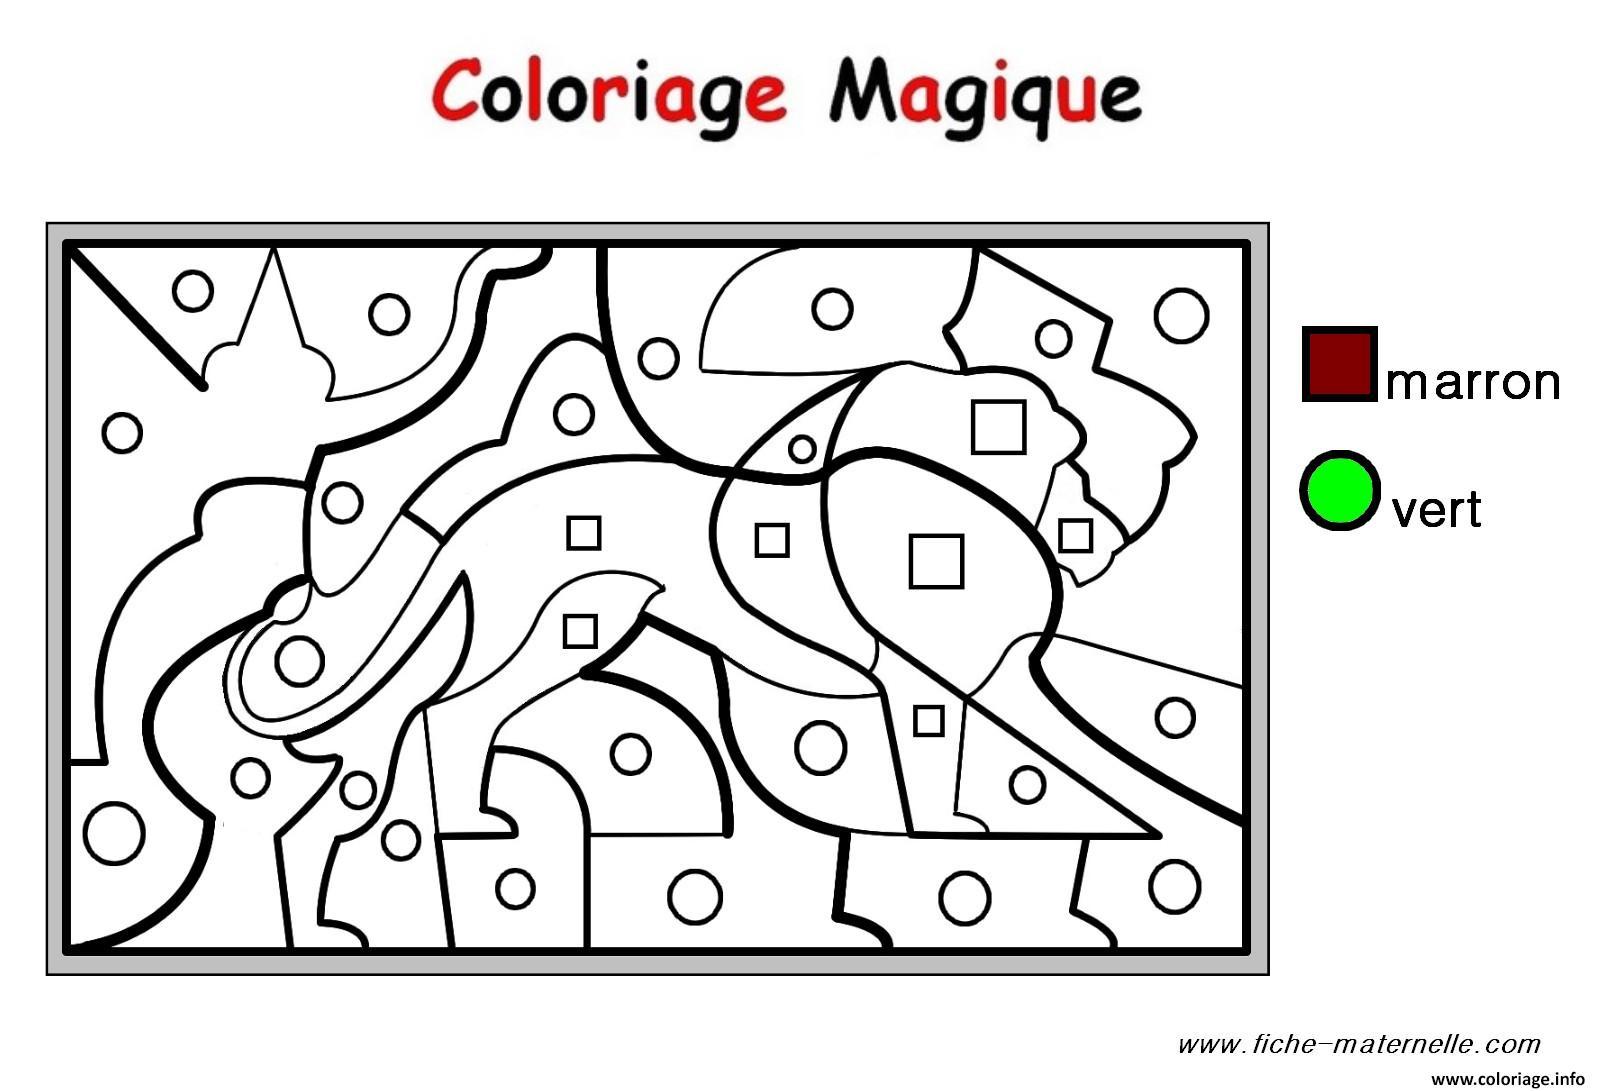 Coloriage Rentree Maternelle Magique Dessin encequiconcerne Fiche Maternelle Moyenne Section À Imprimer